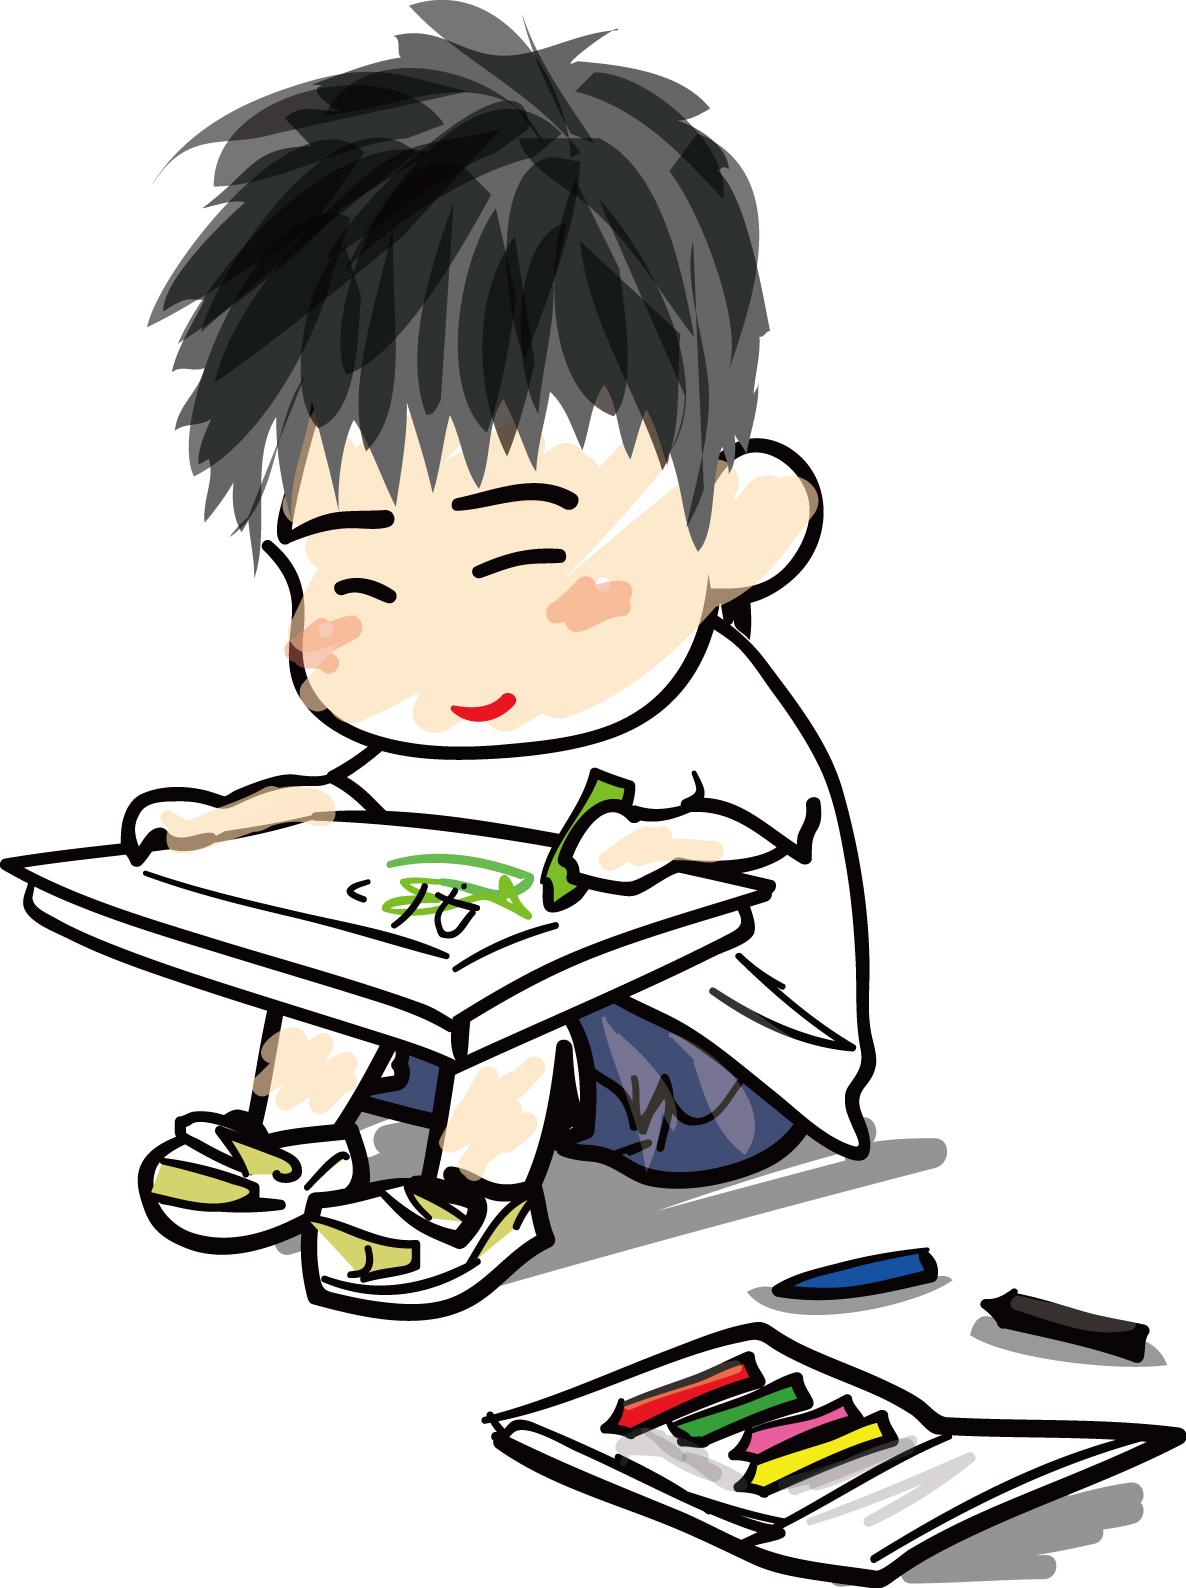 絵を描くこどもの無料イラスト素材ダウンロード 印刷素材.net